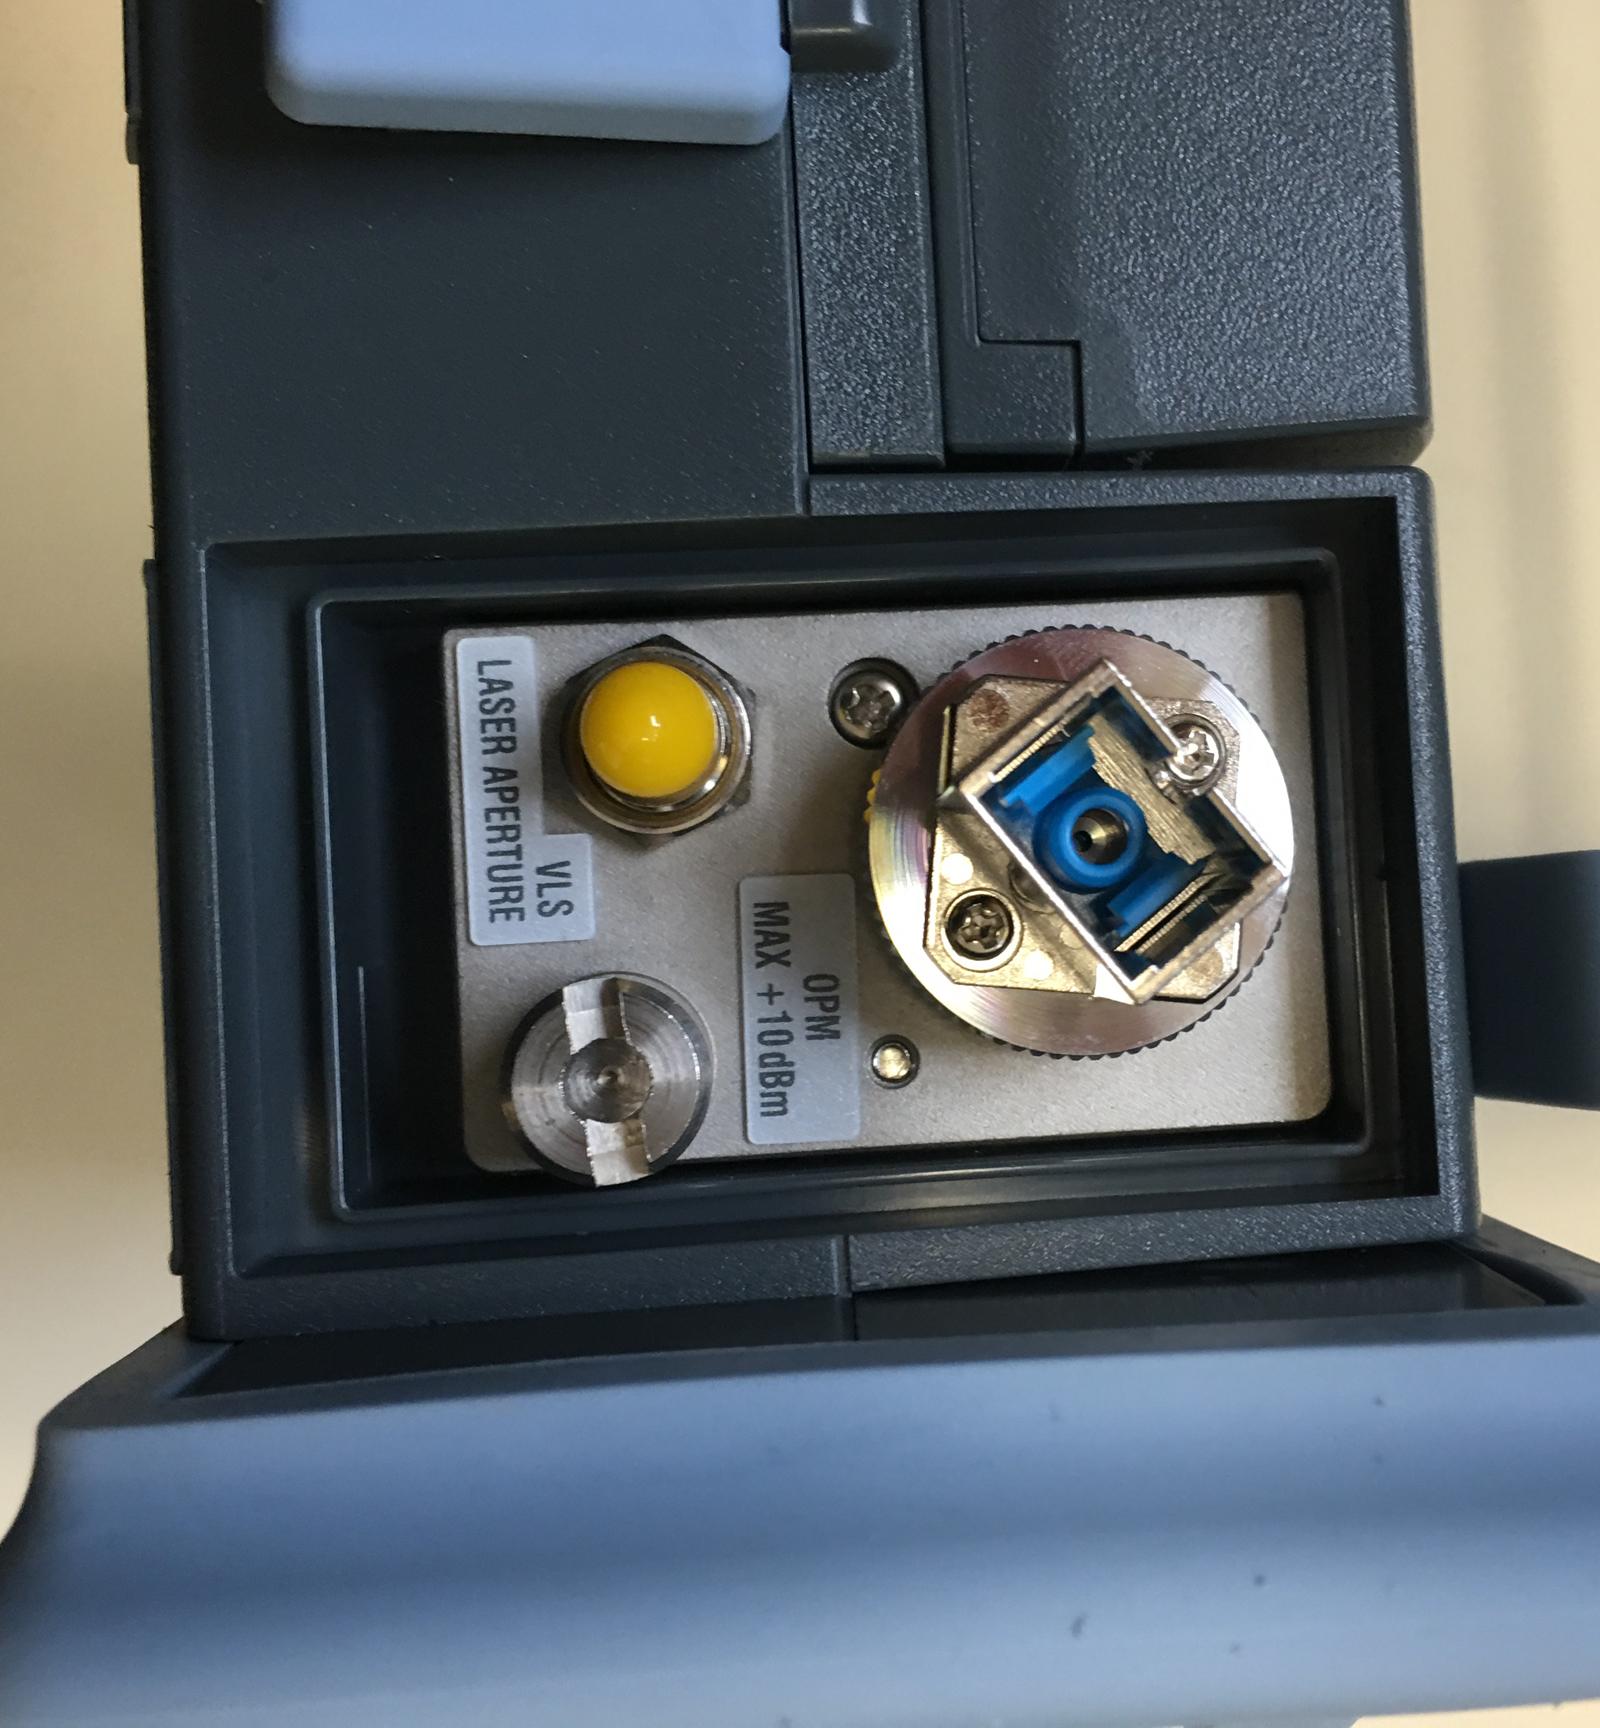 Yokogawa Otdrs Aq7280 Otdr Fiberoptic Resale